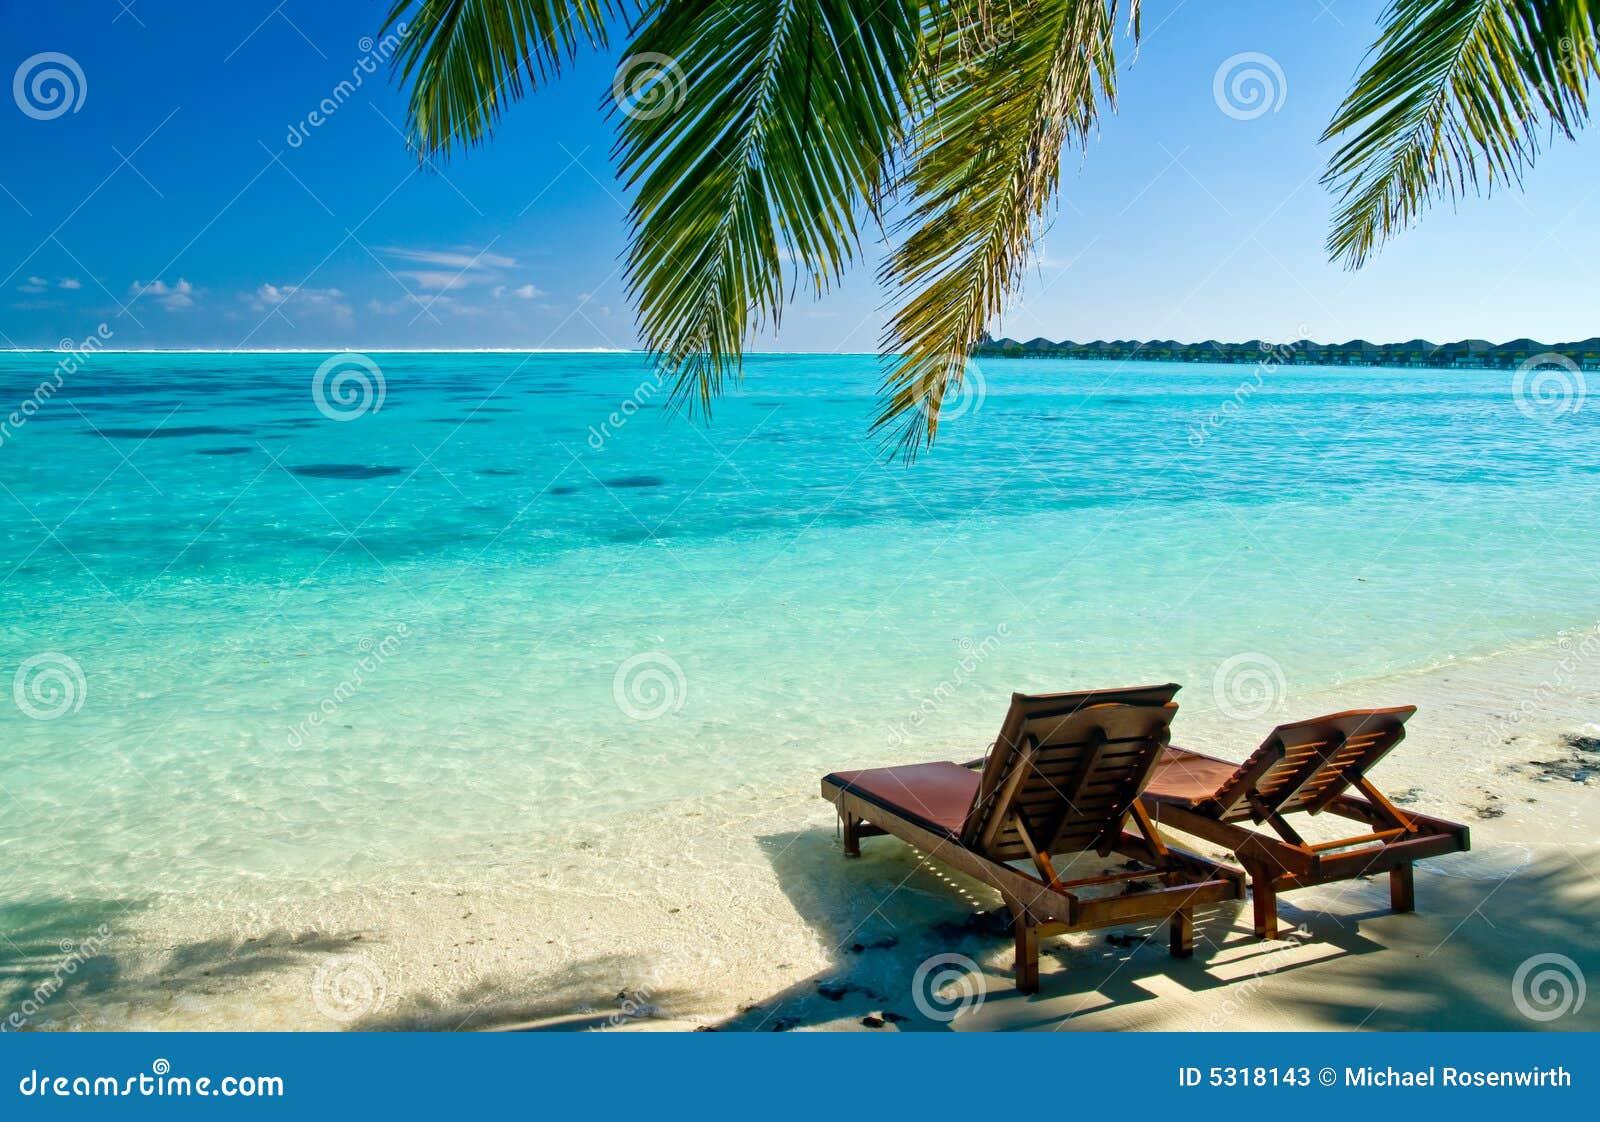 Cadeiras Da Lona Na Praia Tropical Fotos de Stock Imagem: 5318143 #0A83BF 1300x928